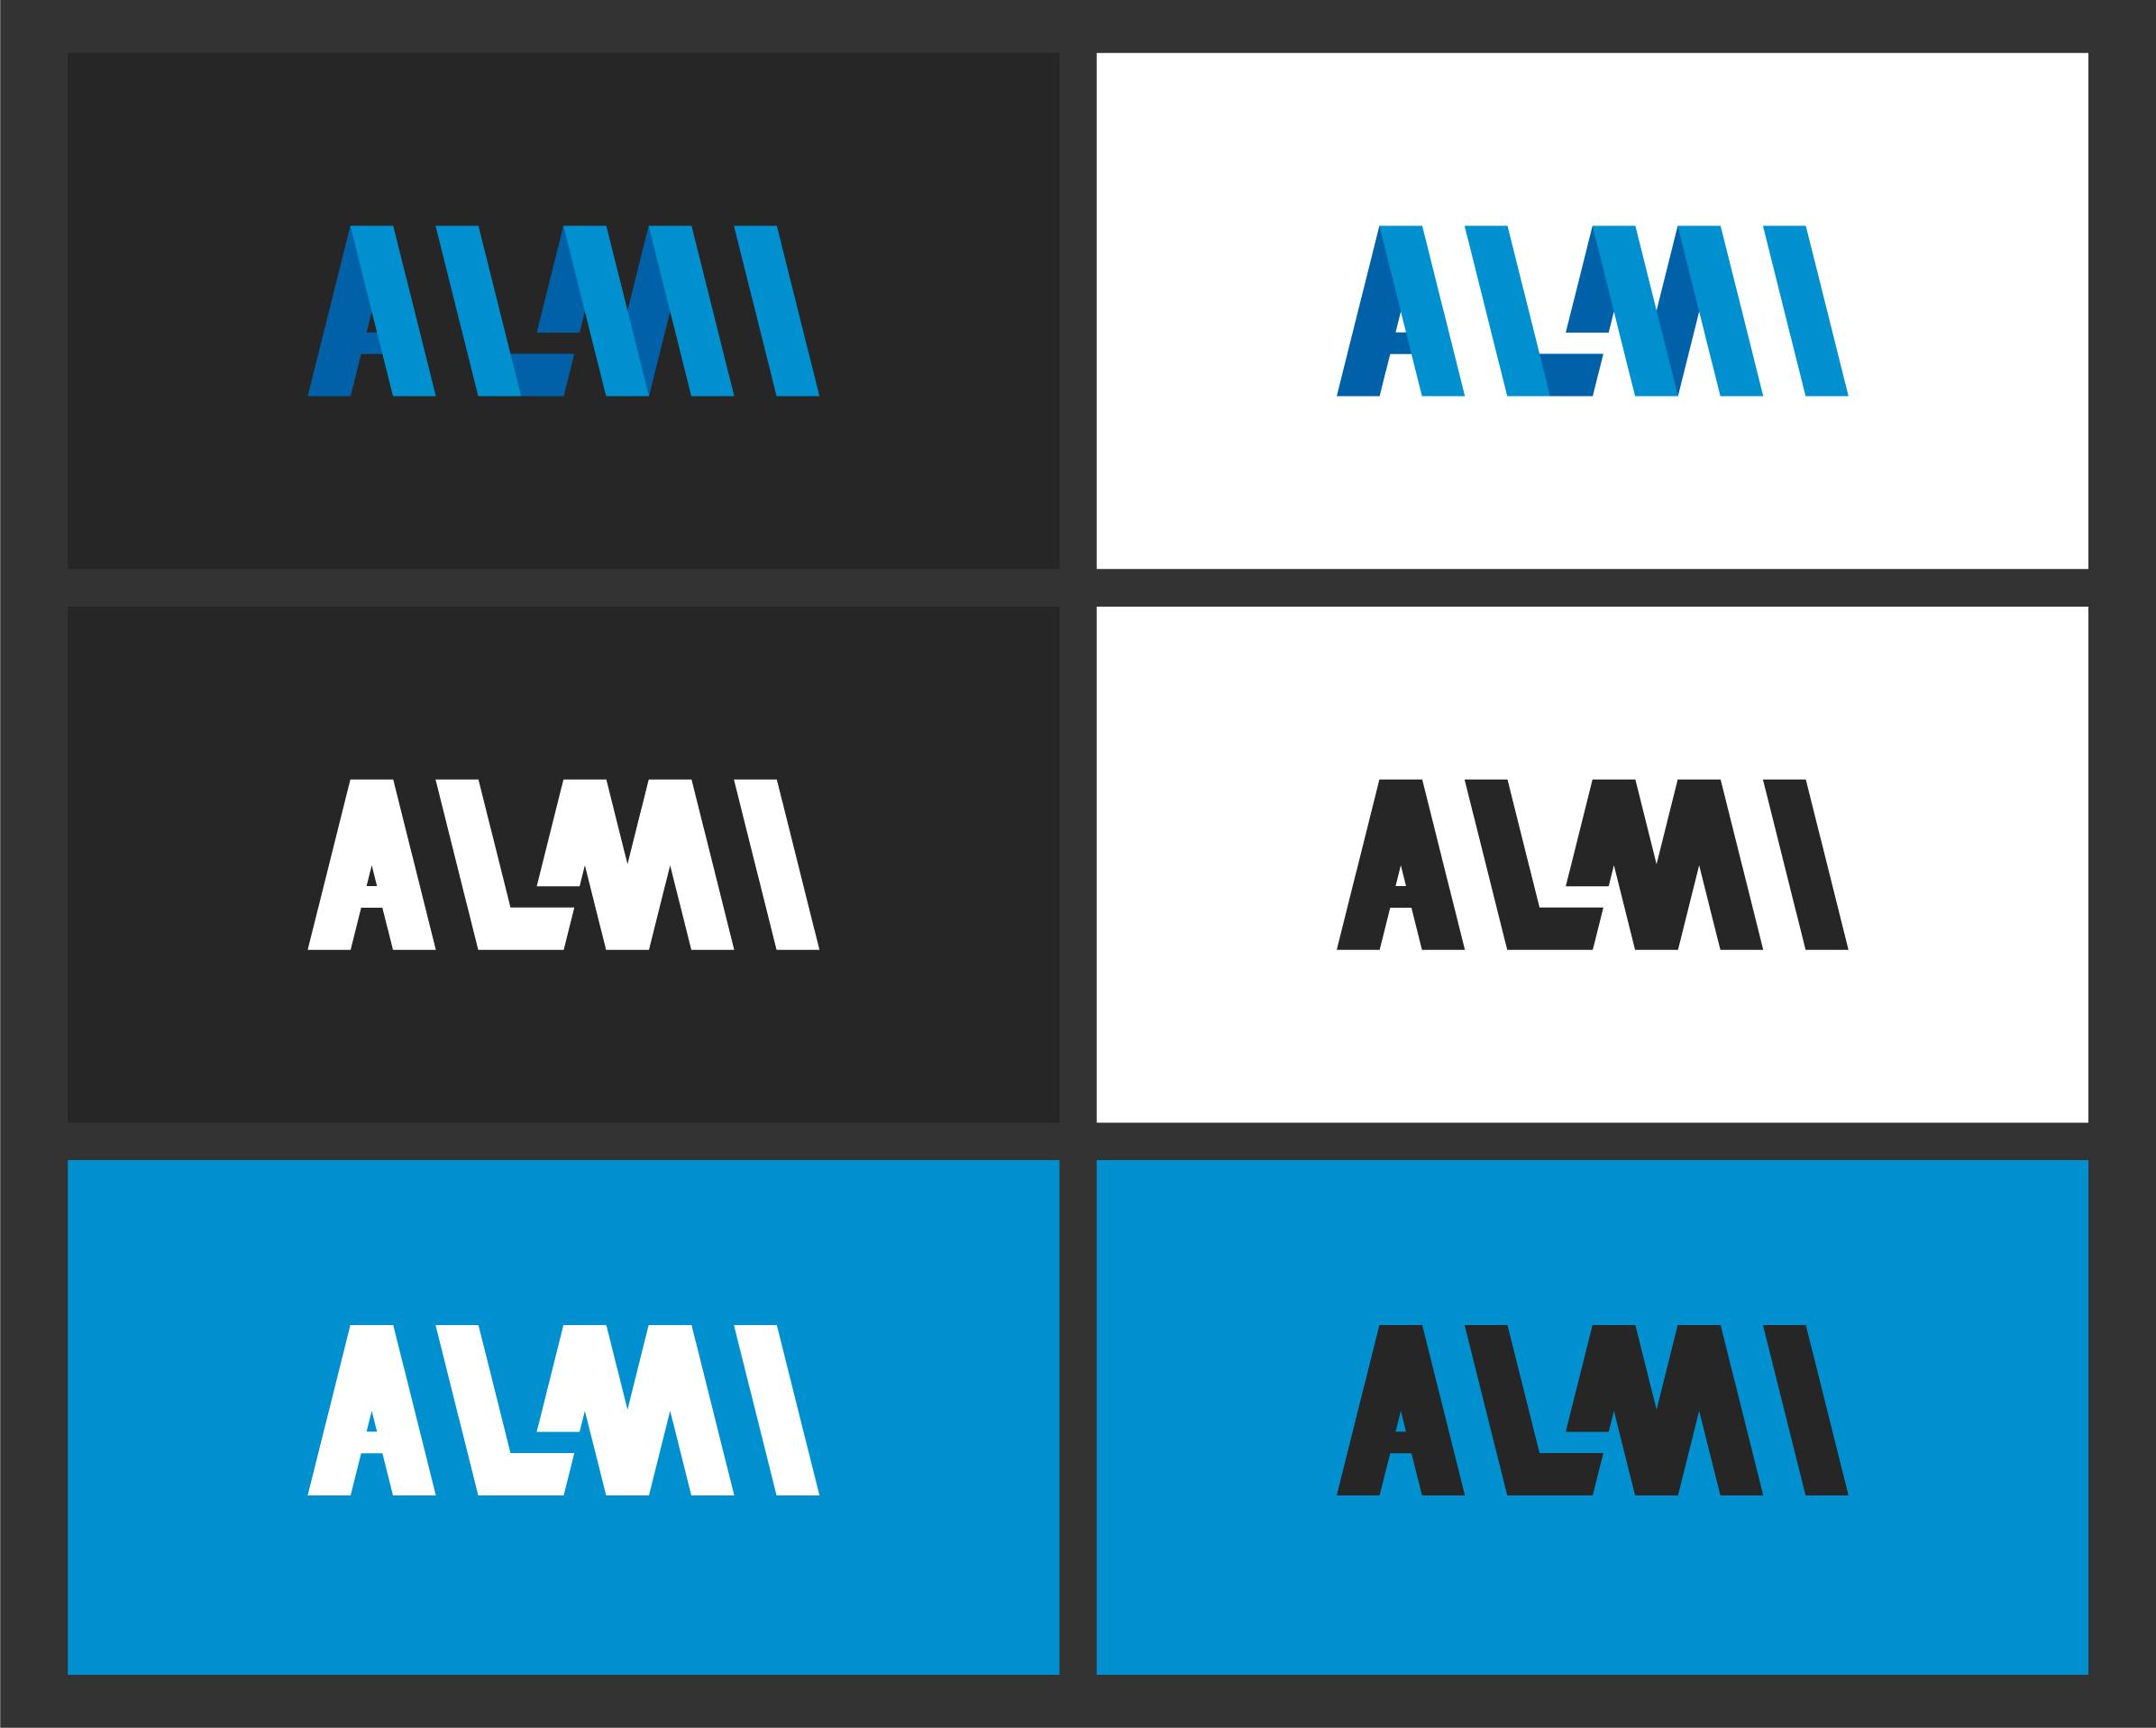 Разработка логотипа и фона фото f_0985991f5692b58c.jpg